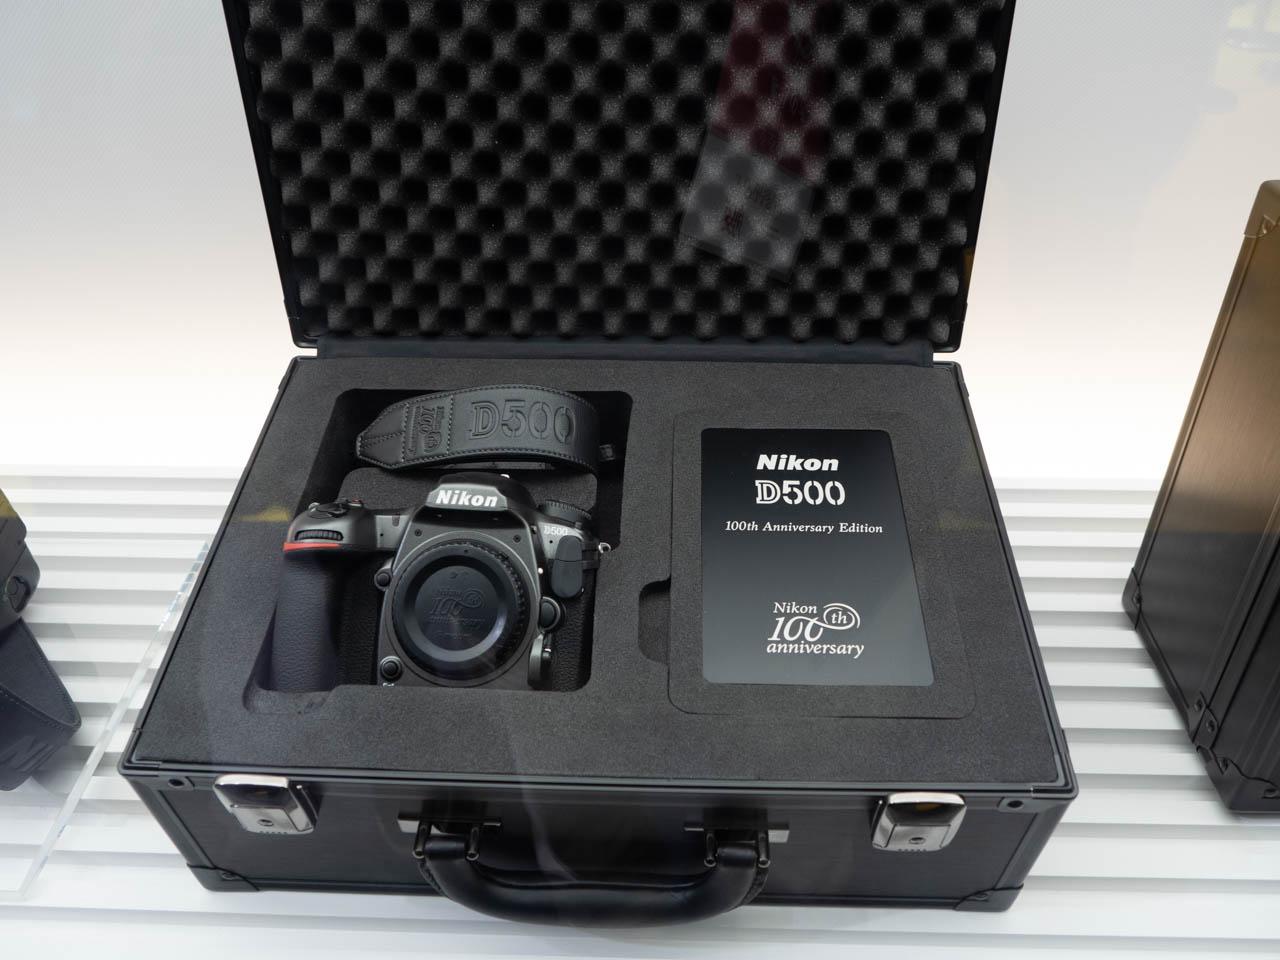 D500の100周年モデル